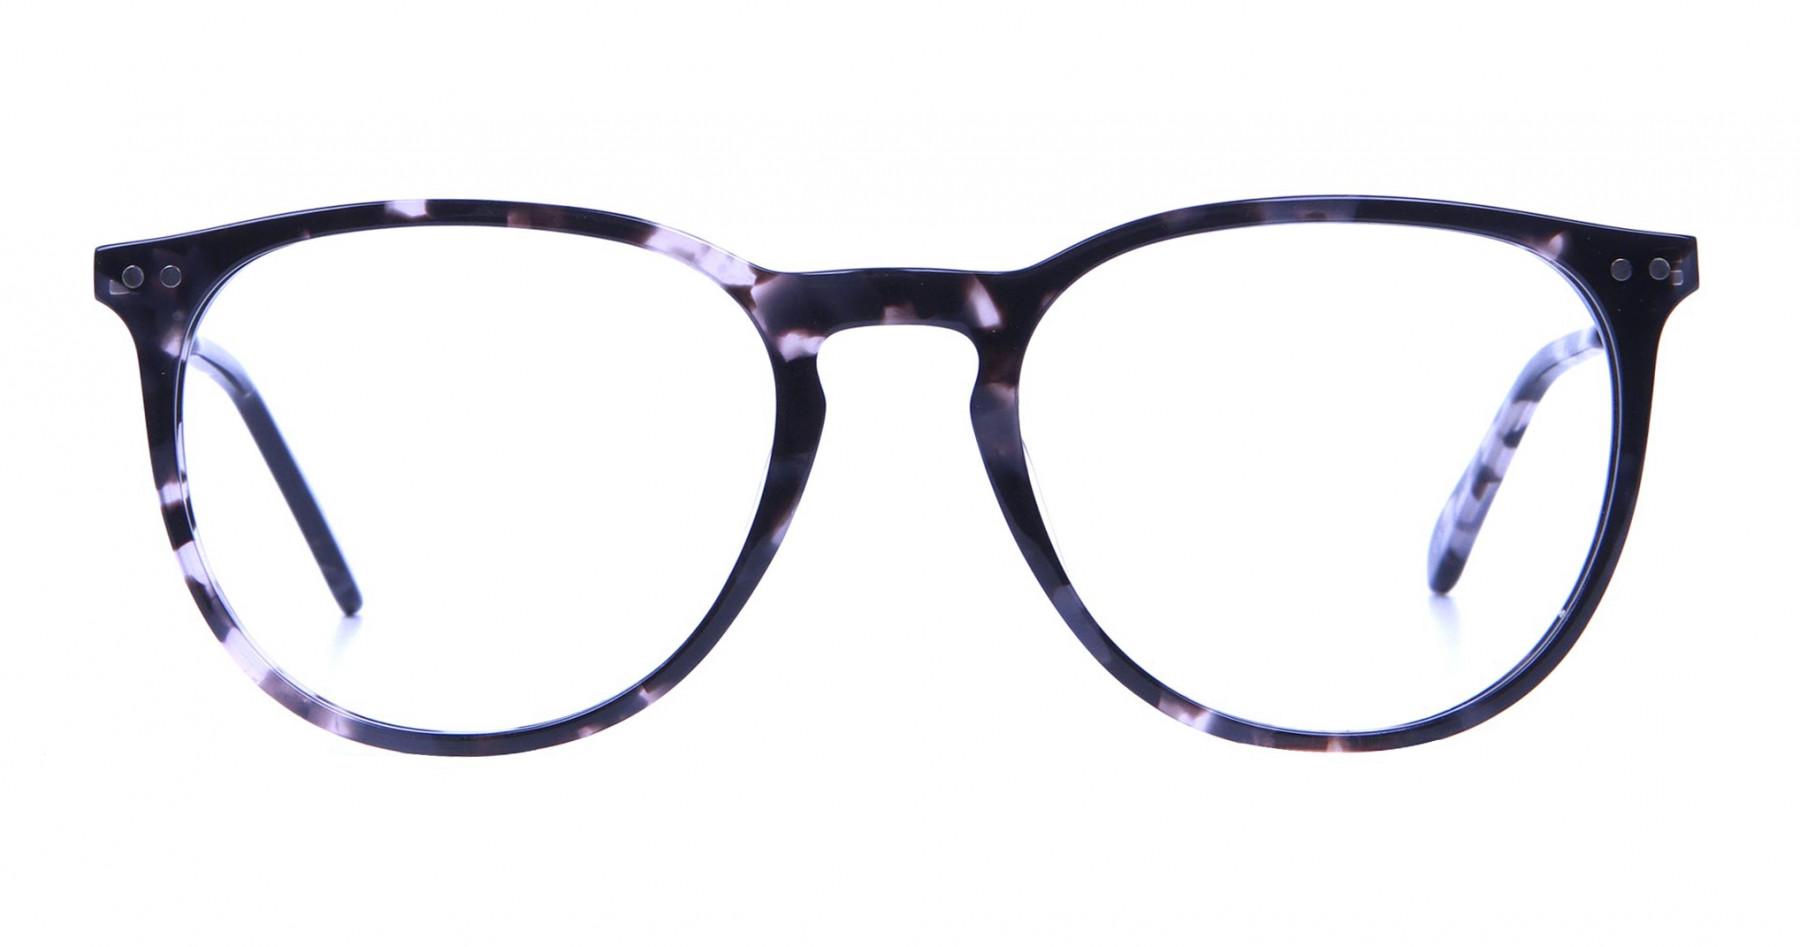 Black and Grey Round Tortoiseshell Eyeglasses